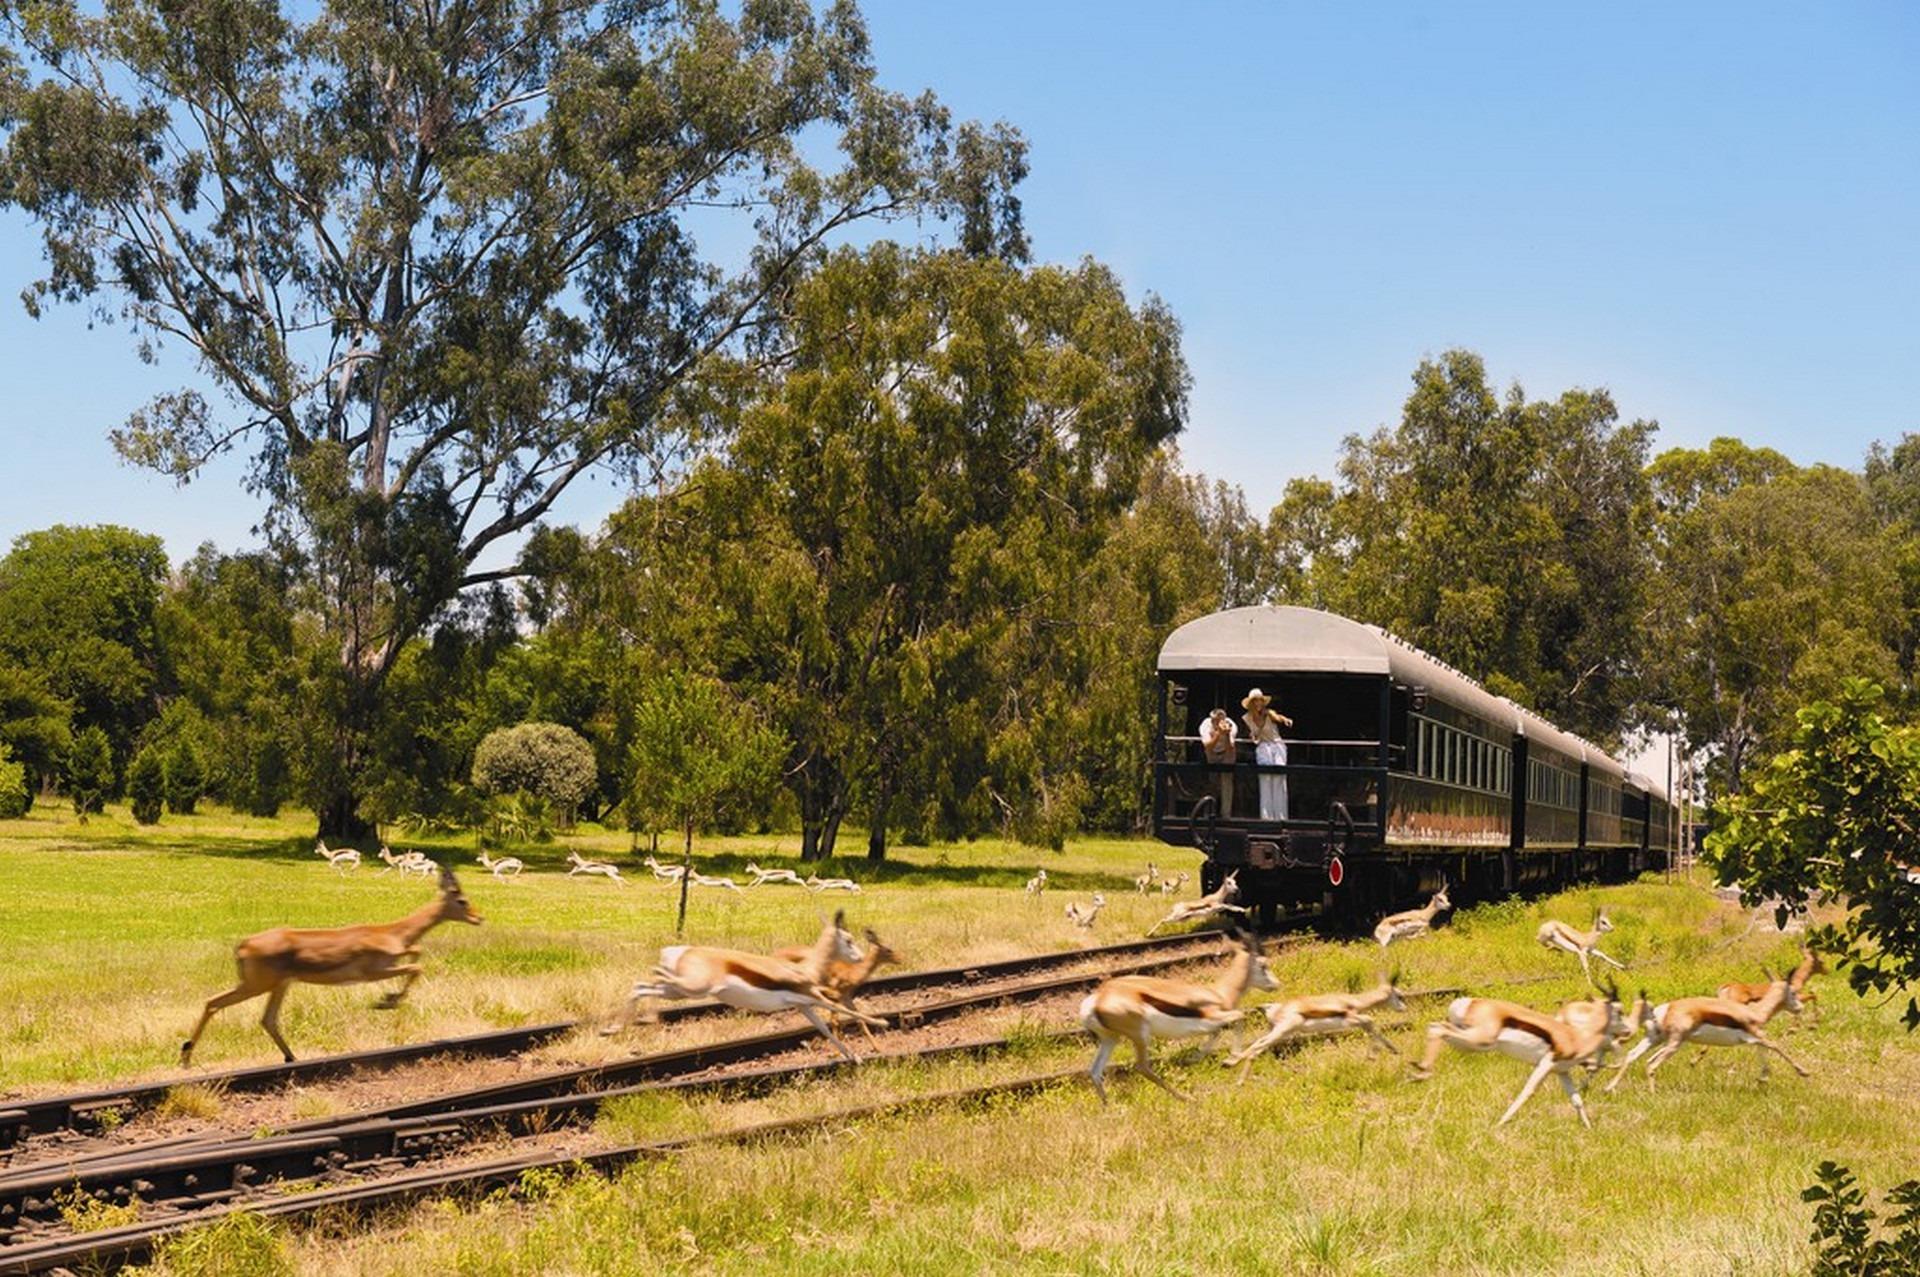 wyprawy-Splendor-Afryki-Rovos-Rail-luksusowy-pociąg